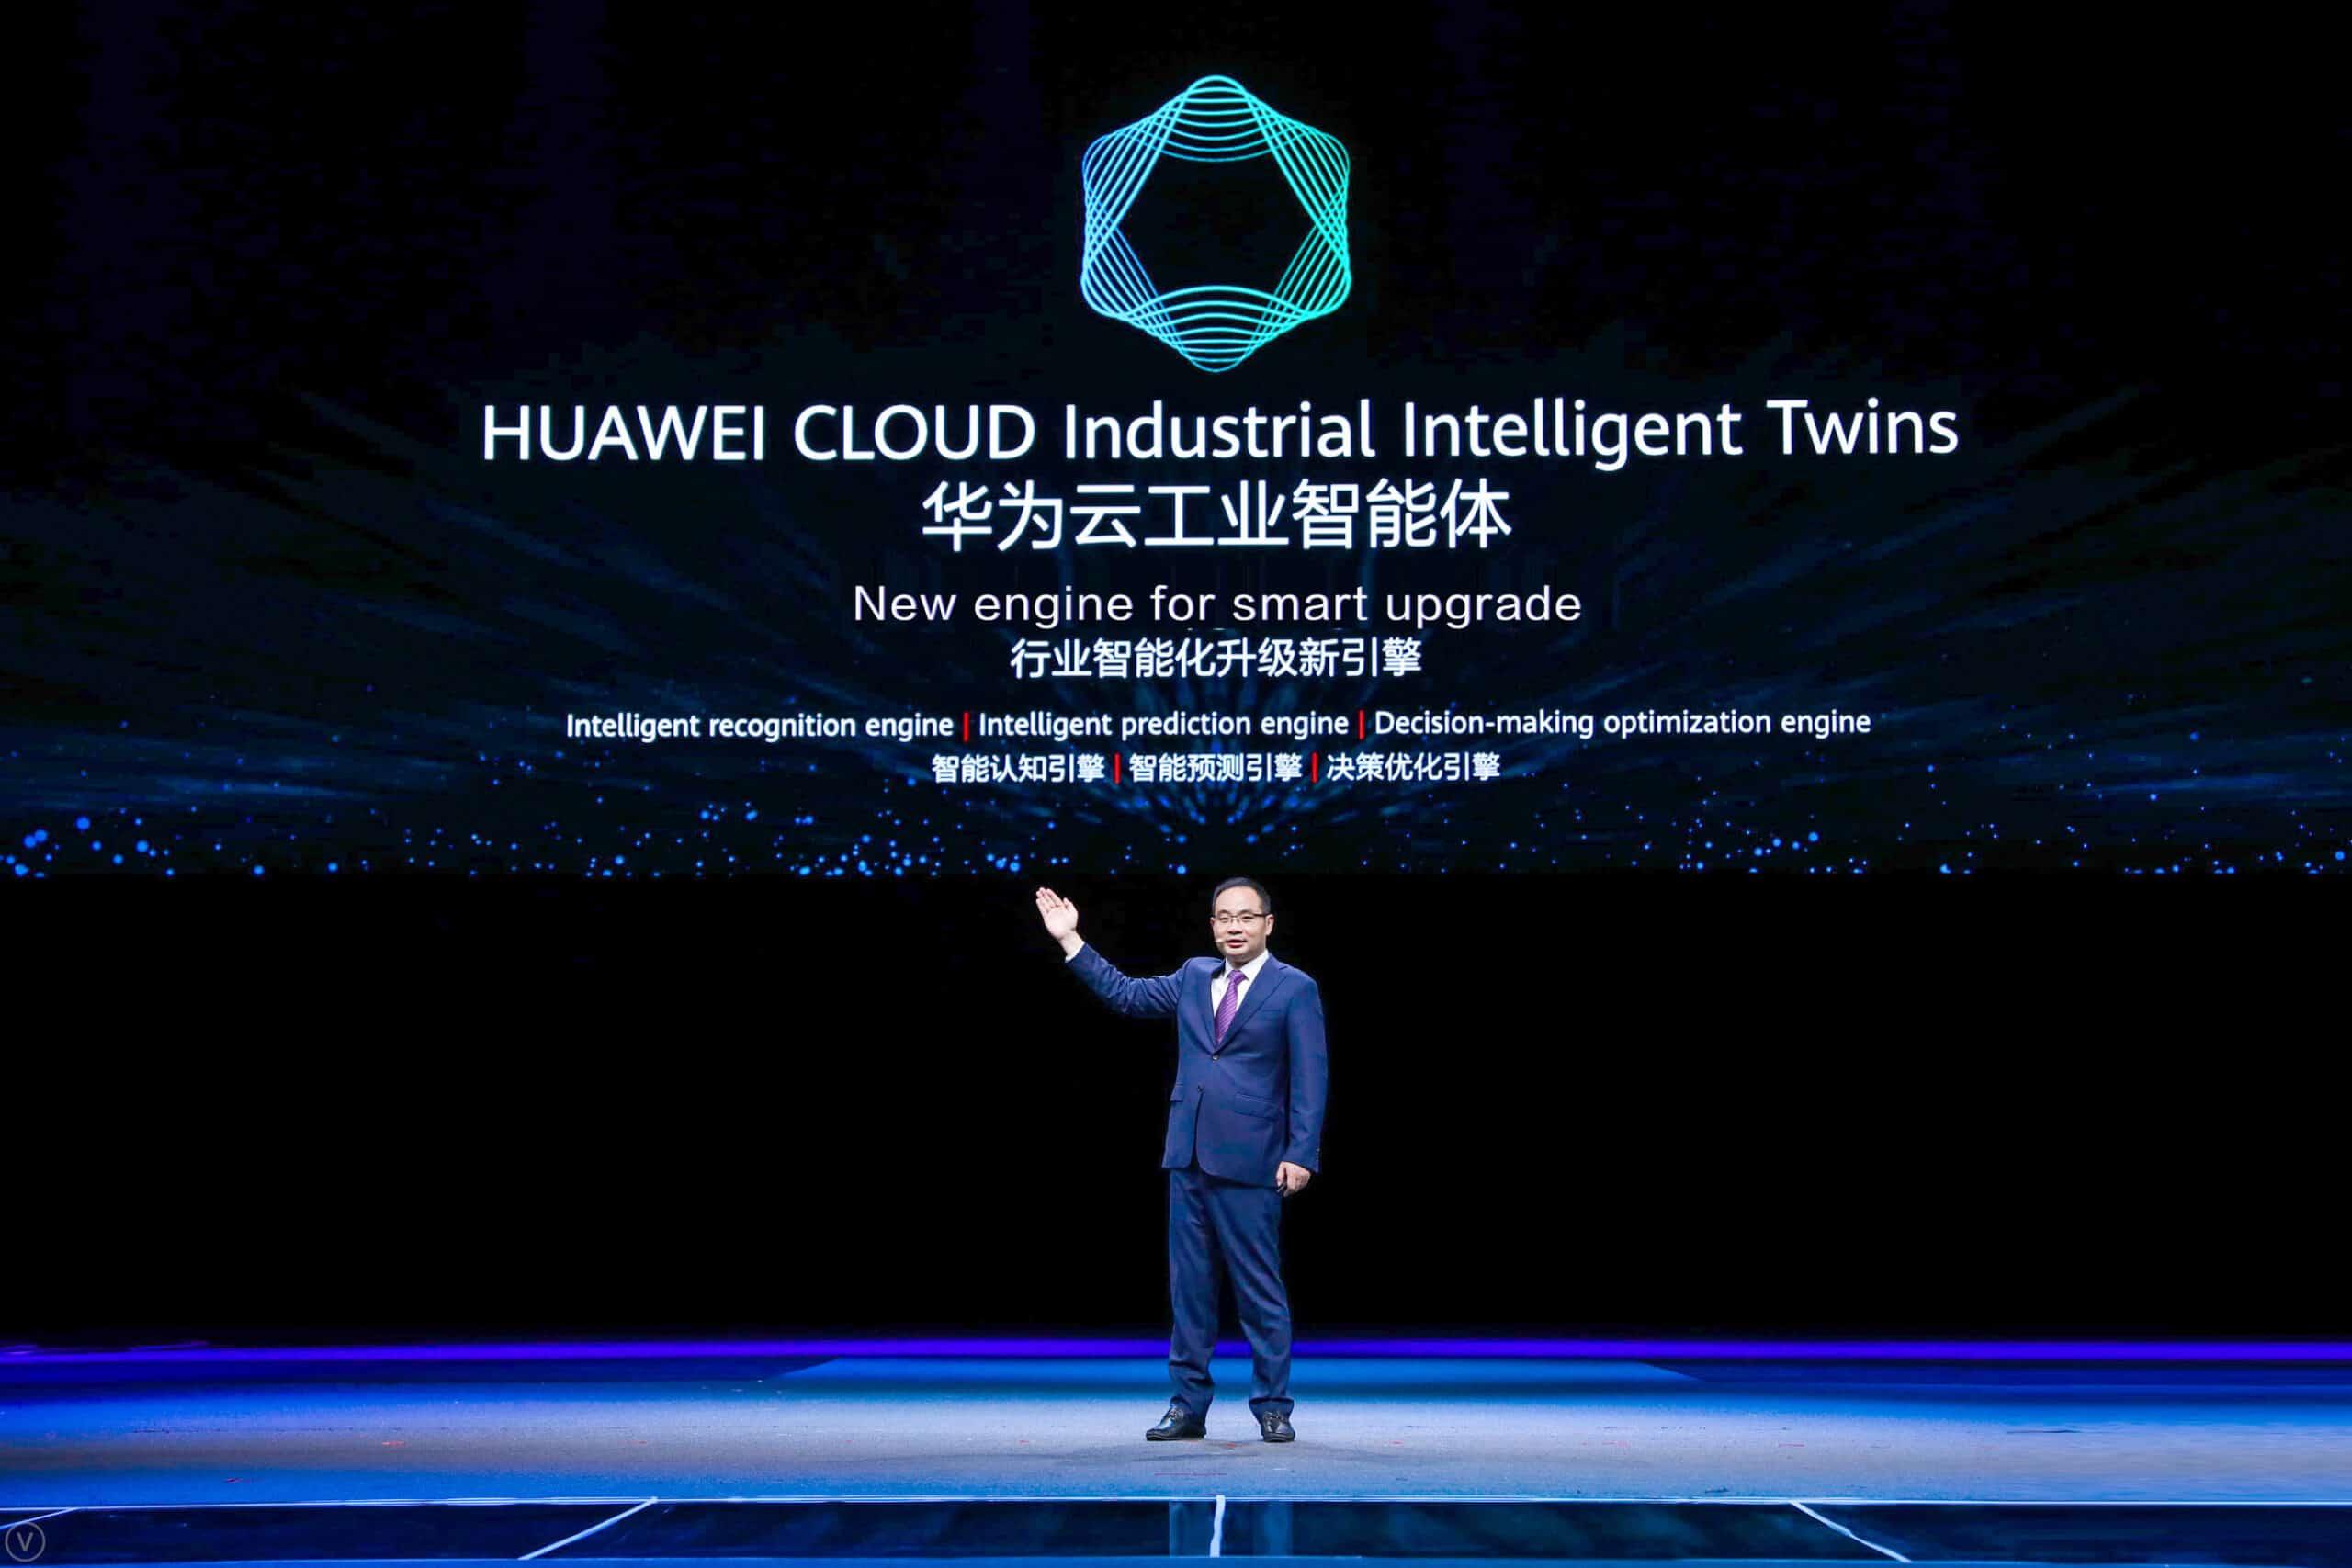 Huawei Shenzhen intelligent twins cloud AI